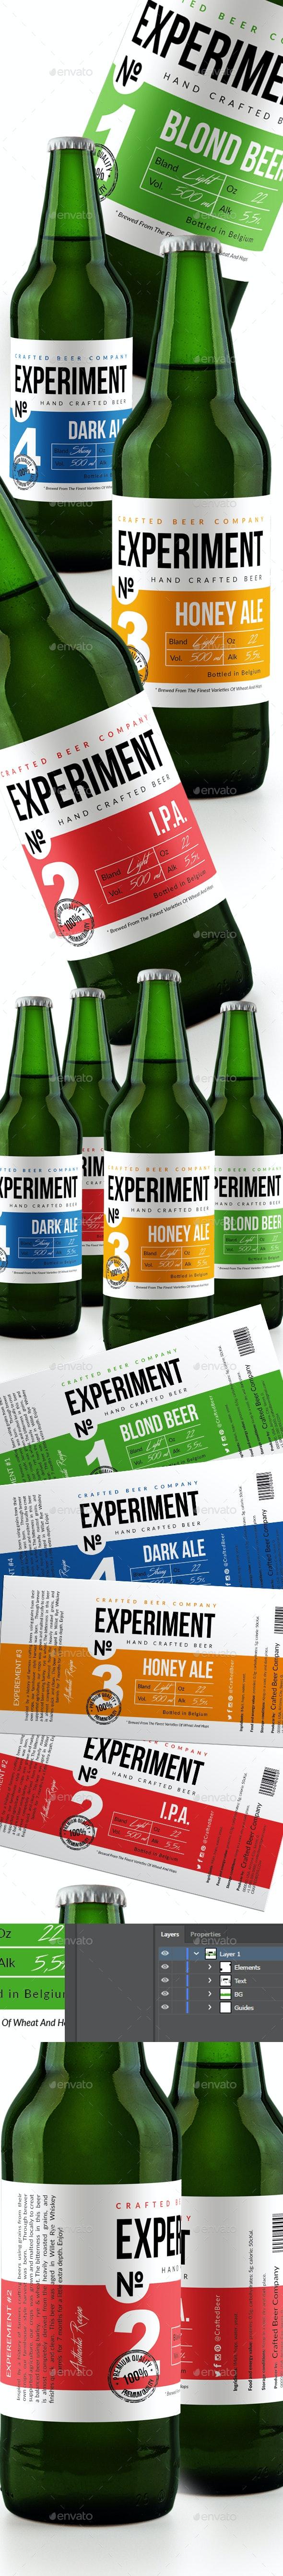 Beer Label v.3 - Packaging Print Templates